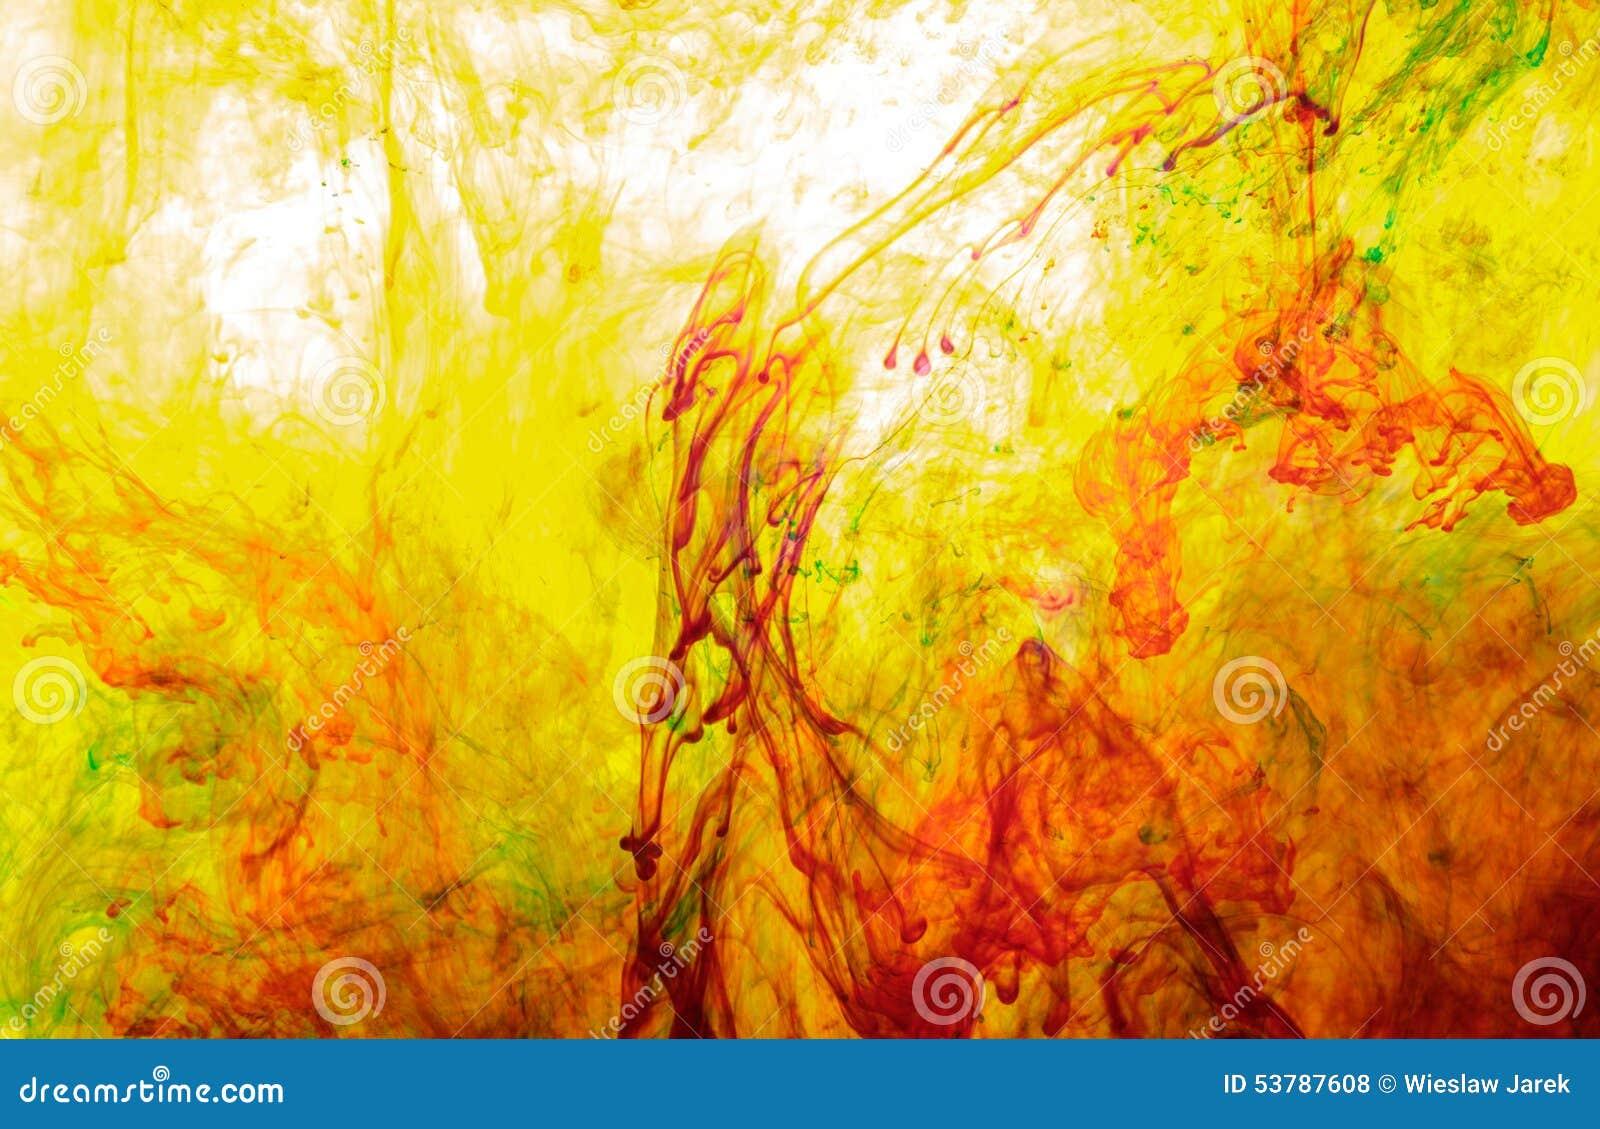 Abstrakcyjny tło